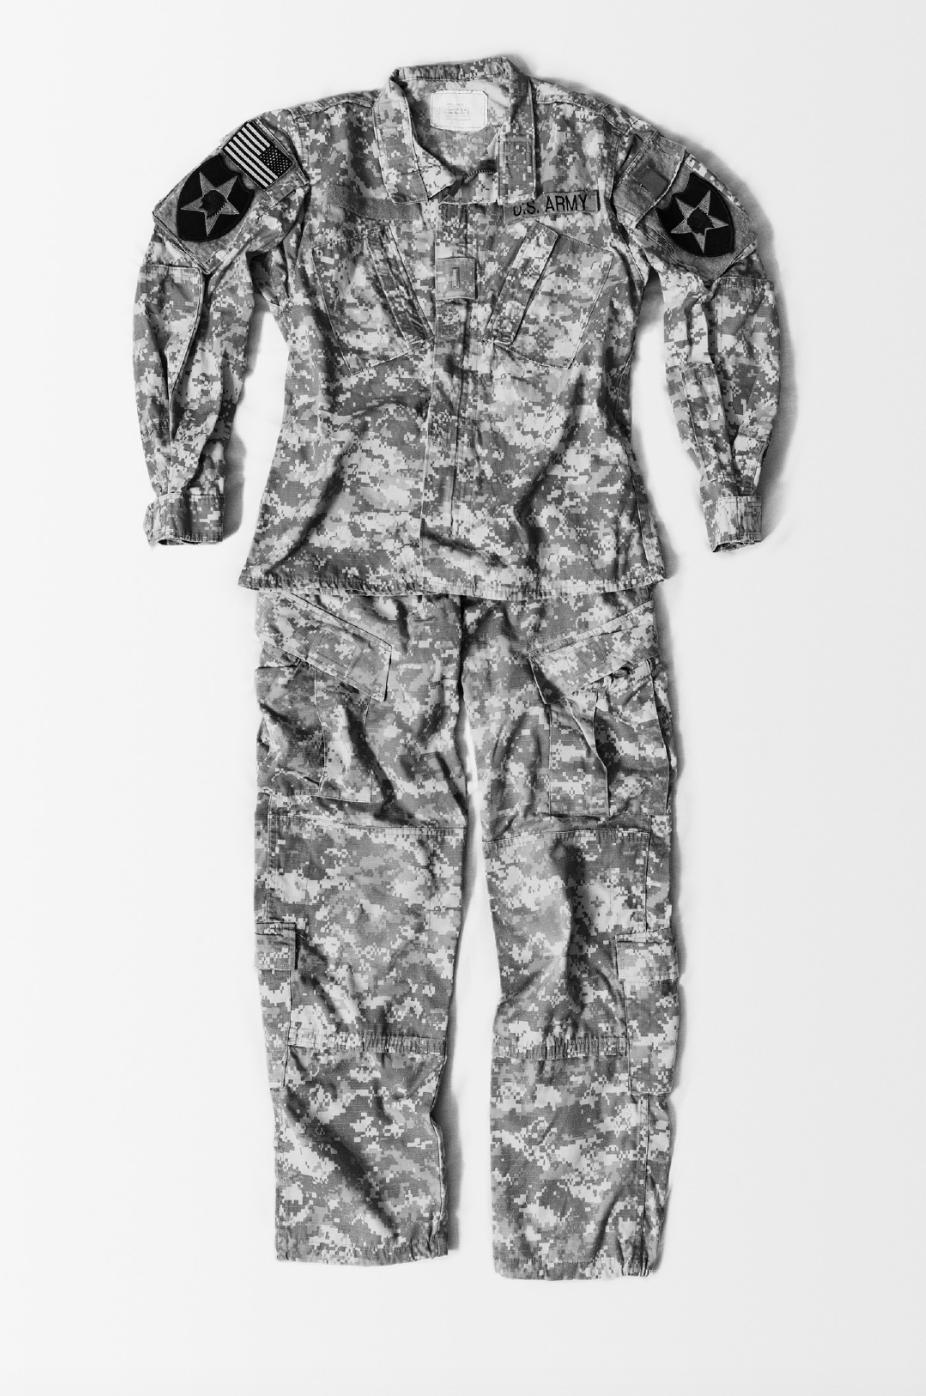 Laia Abril, Militar Rape, US, 2019 From series Power Rape, On Rape Courtesy Galerie Les filles du calvaire (Paris)